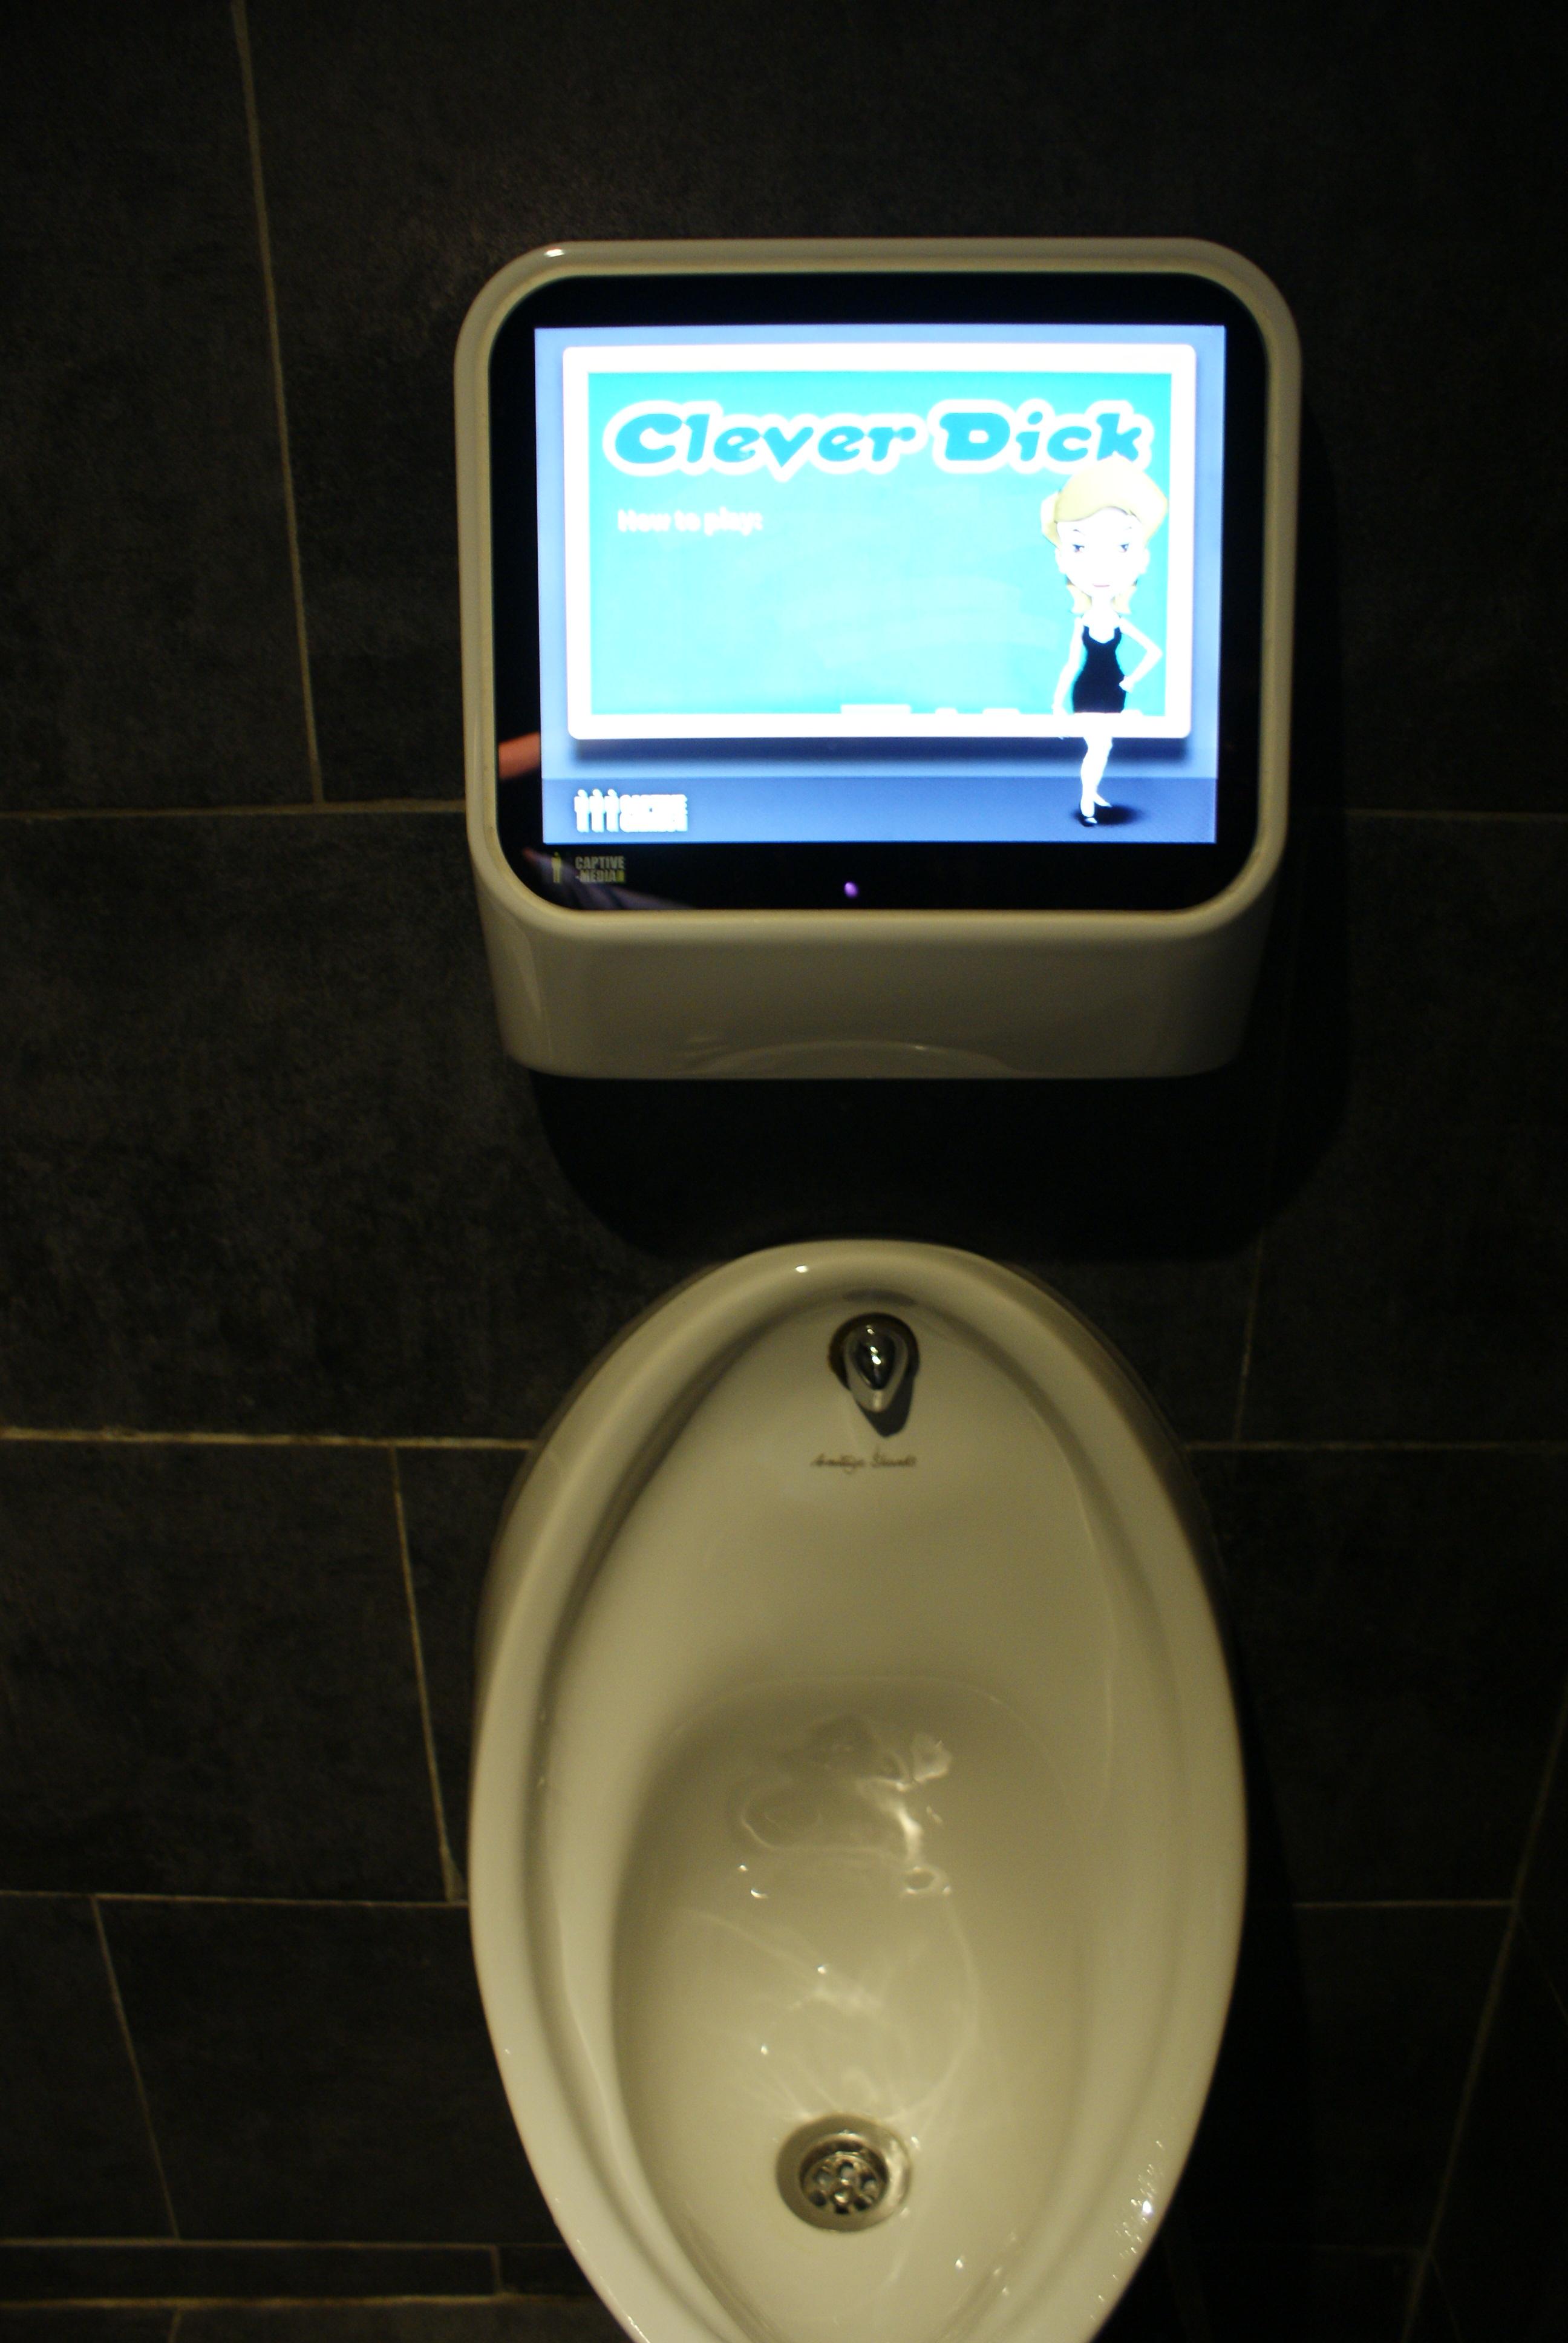 Tableau Pour Mettre Dans Les Toilettes les toilettes insolites des bars parisiens | parlonsinfo